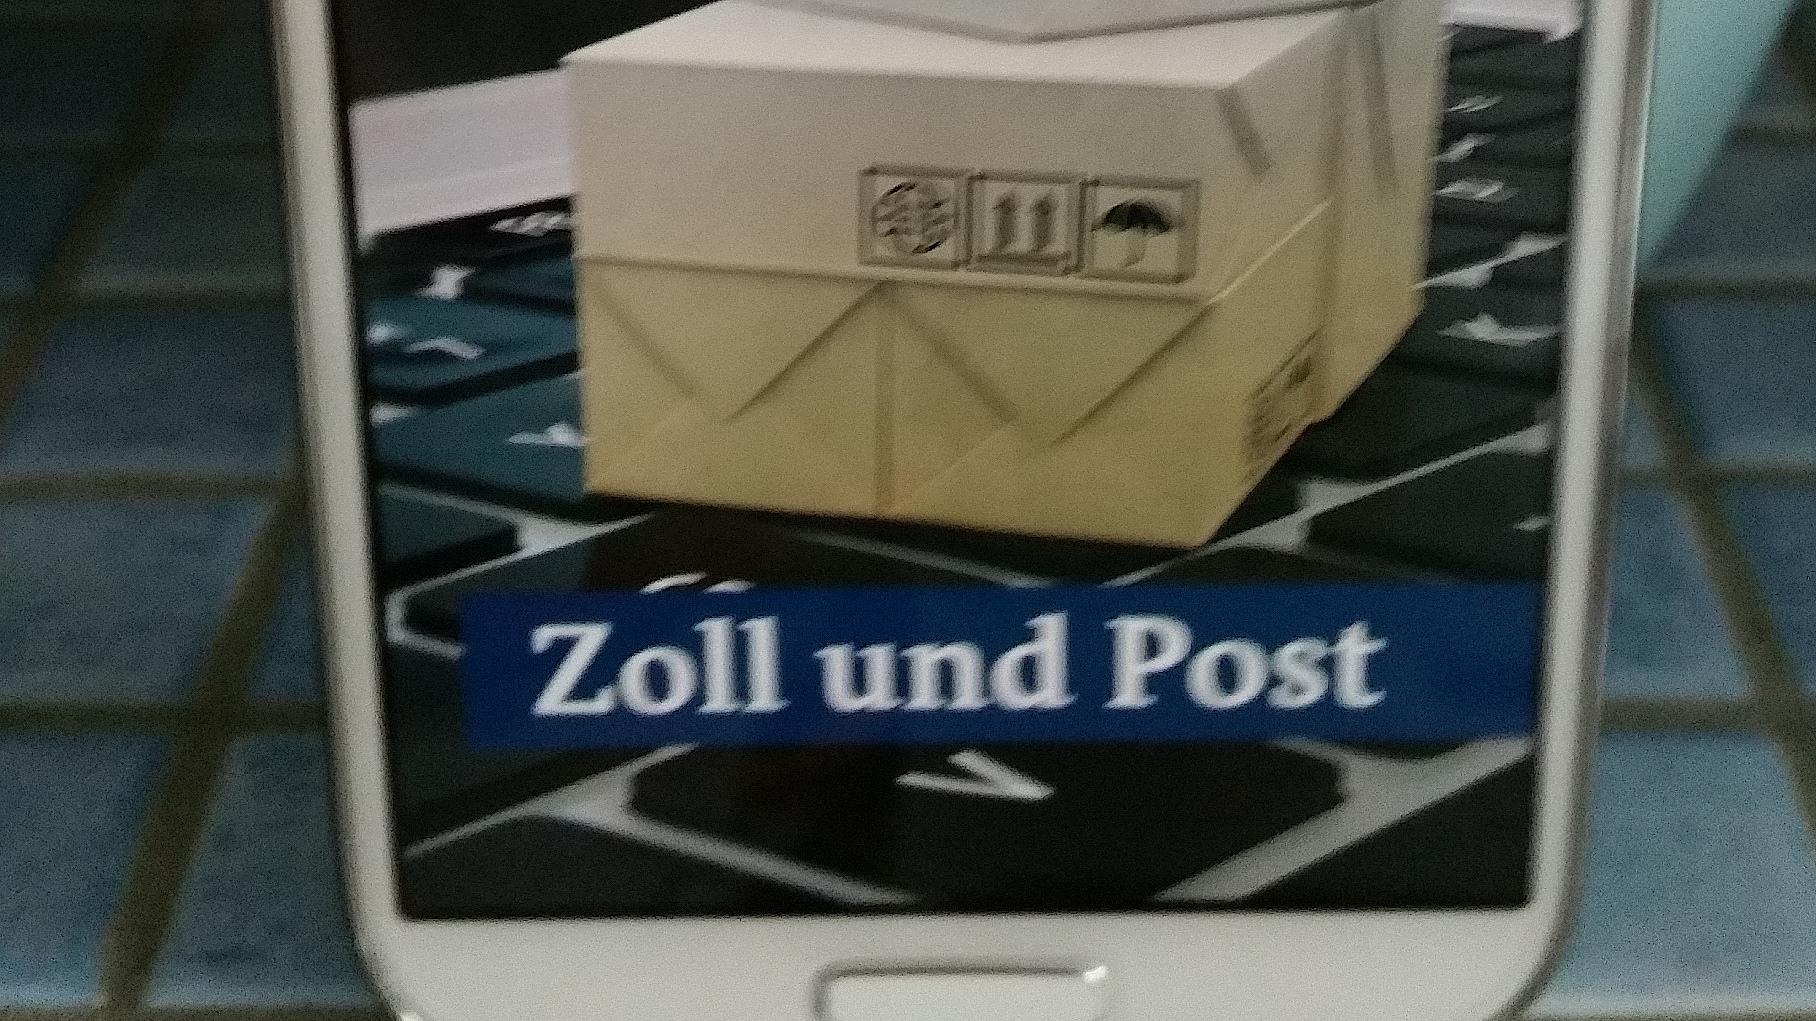 Start der App des deutschen Zolls um Gebühren zu kalkulieren, schnell, einfach, informativ, miradlo Versanddepot, Lieferadresse Konstanz